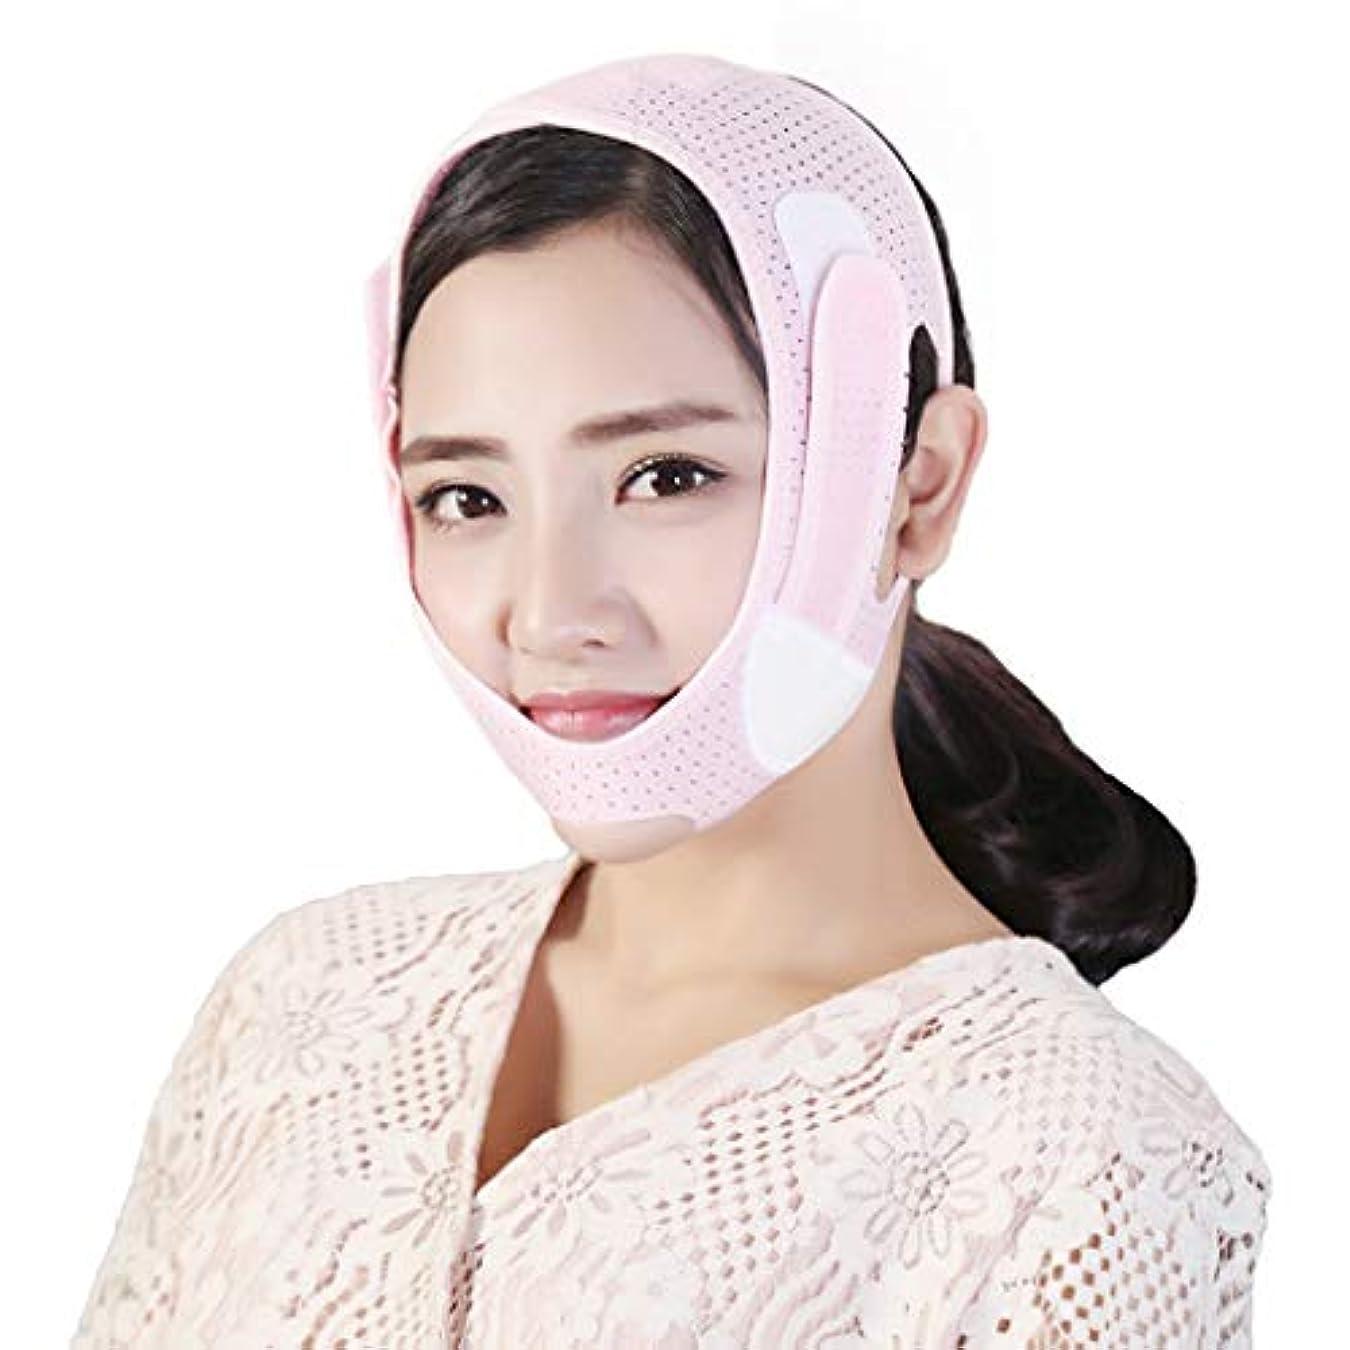 お客様ミニ宣伝減量マスク薄い顔のマスクV顔の薄い顔の咬筋ダブル顎の包帯睡眠マスクの通気性